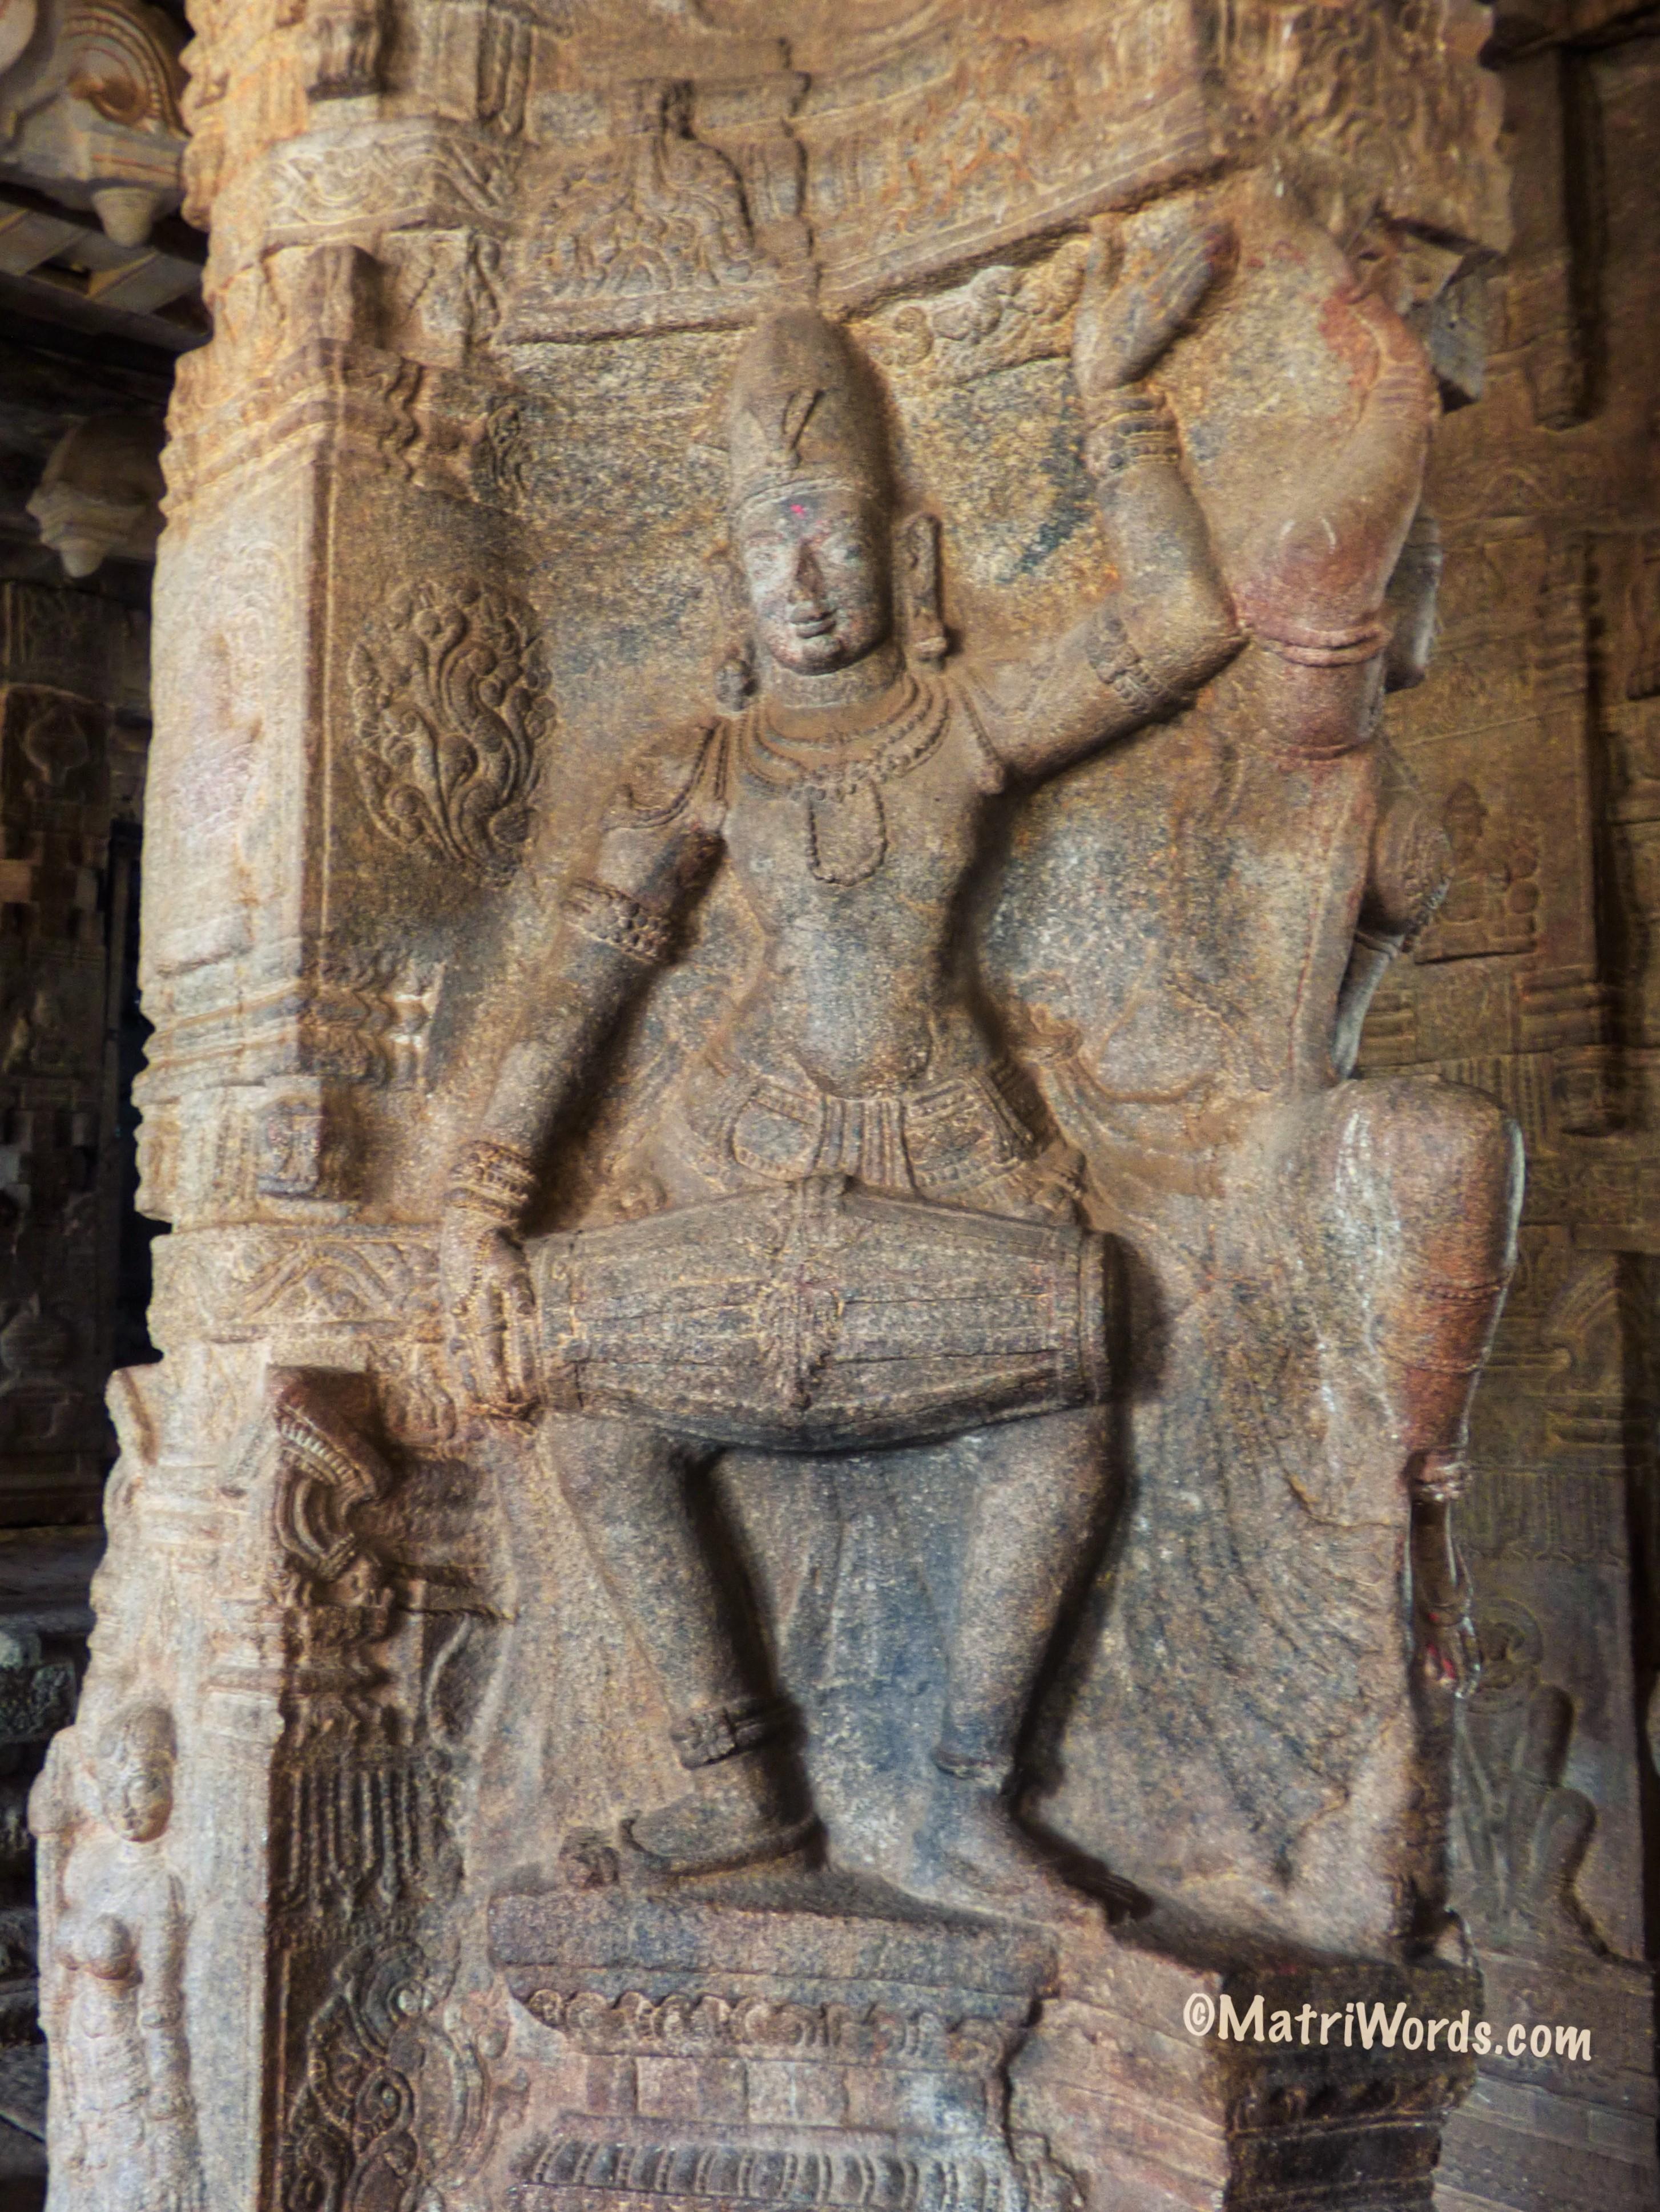 Shiva playing mridangam